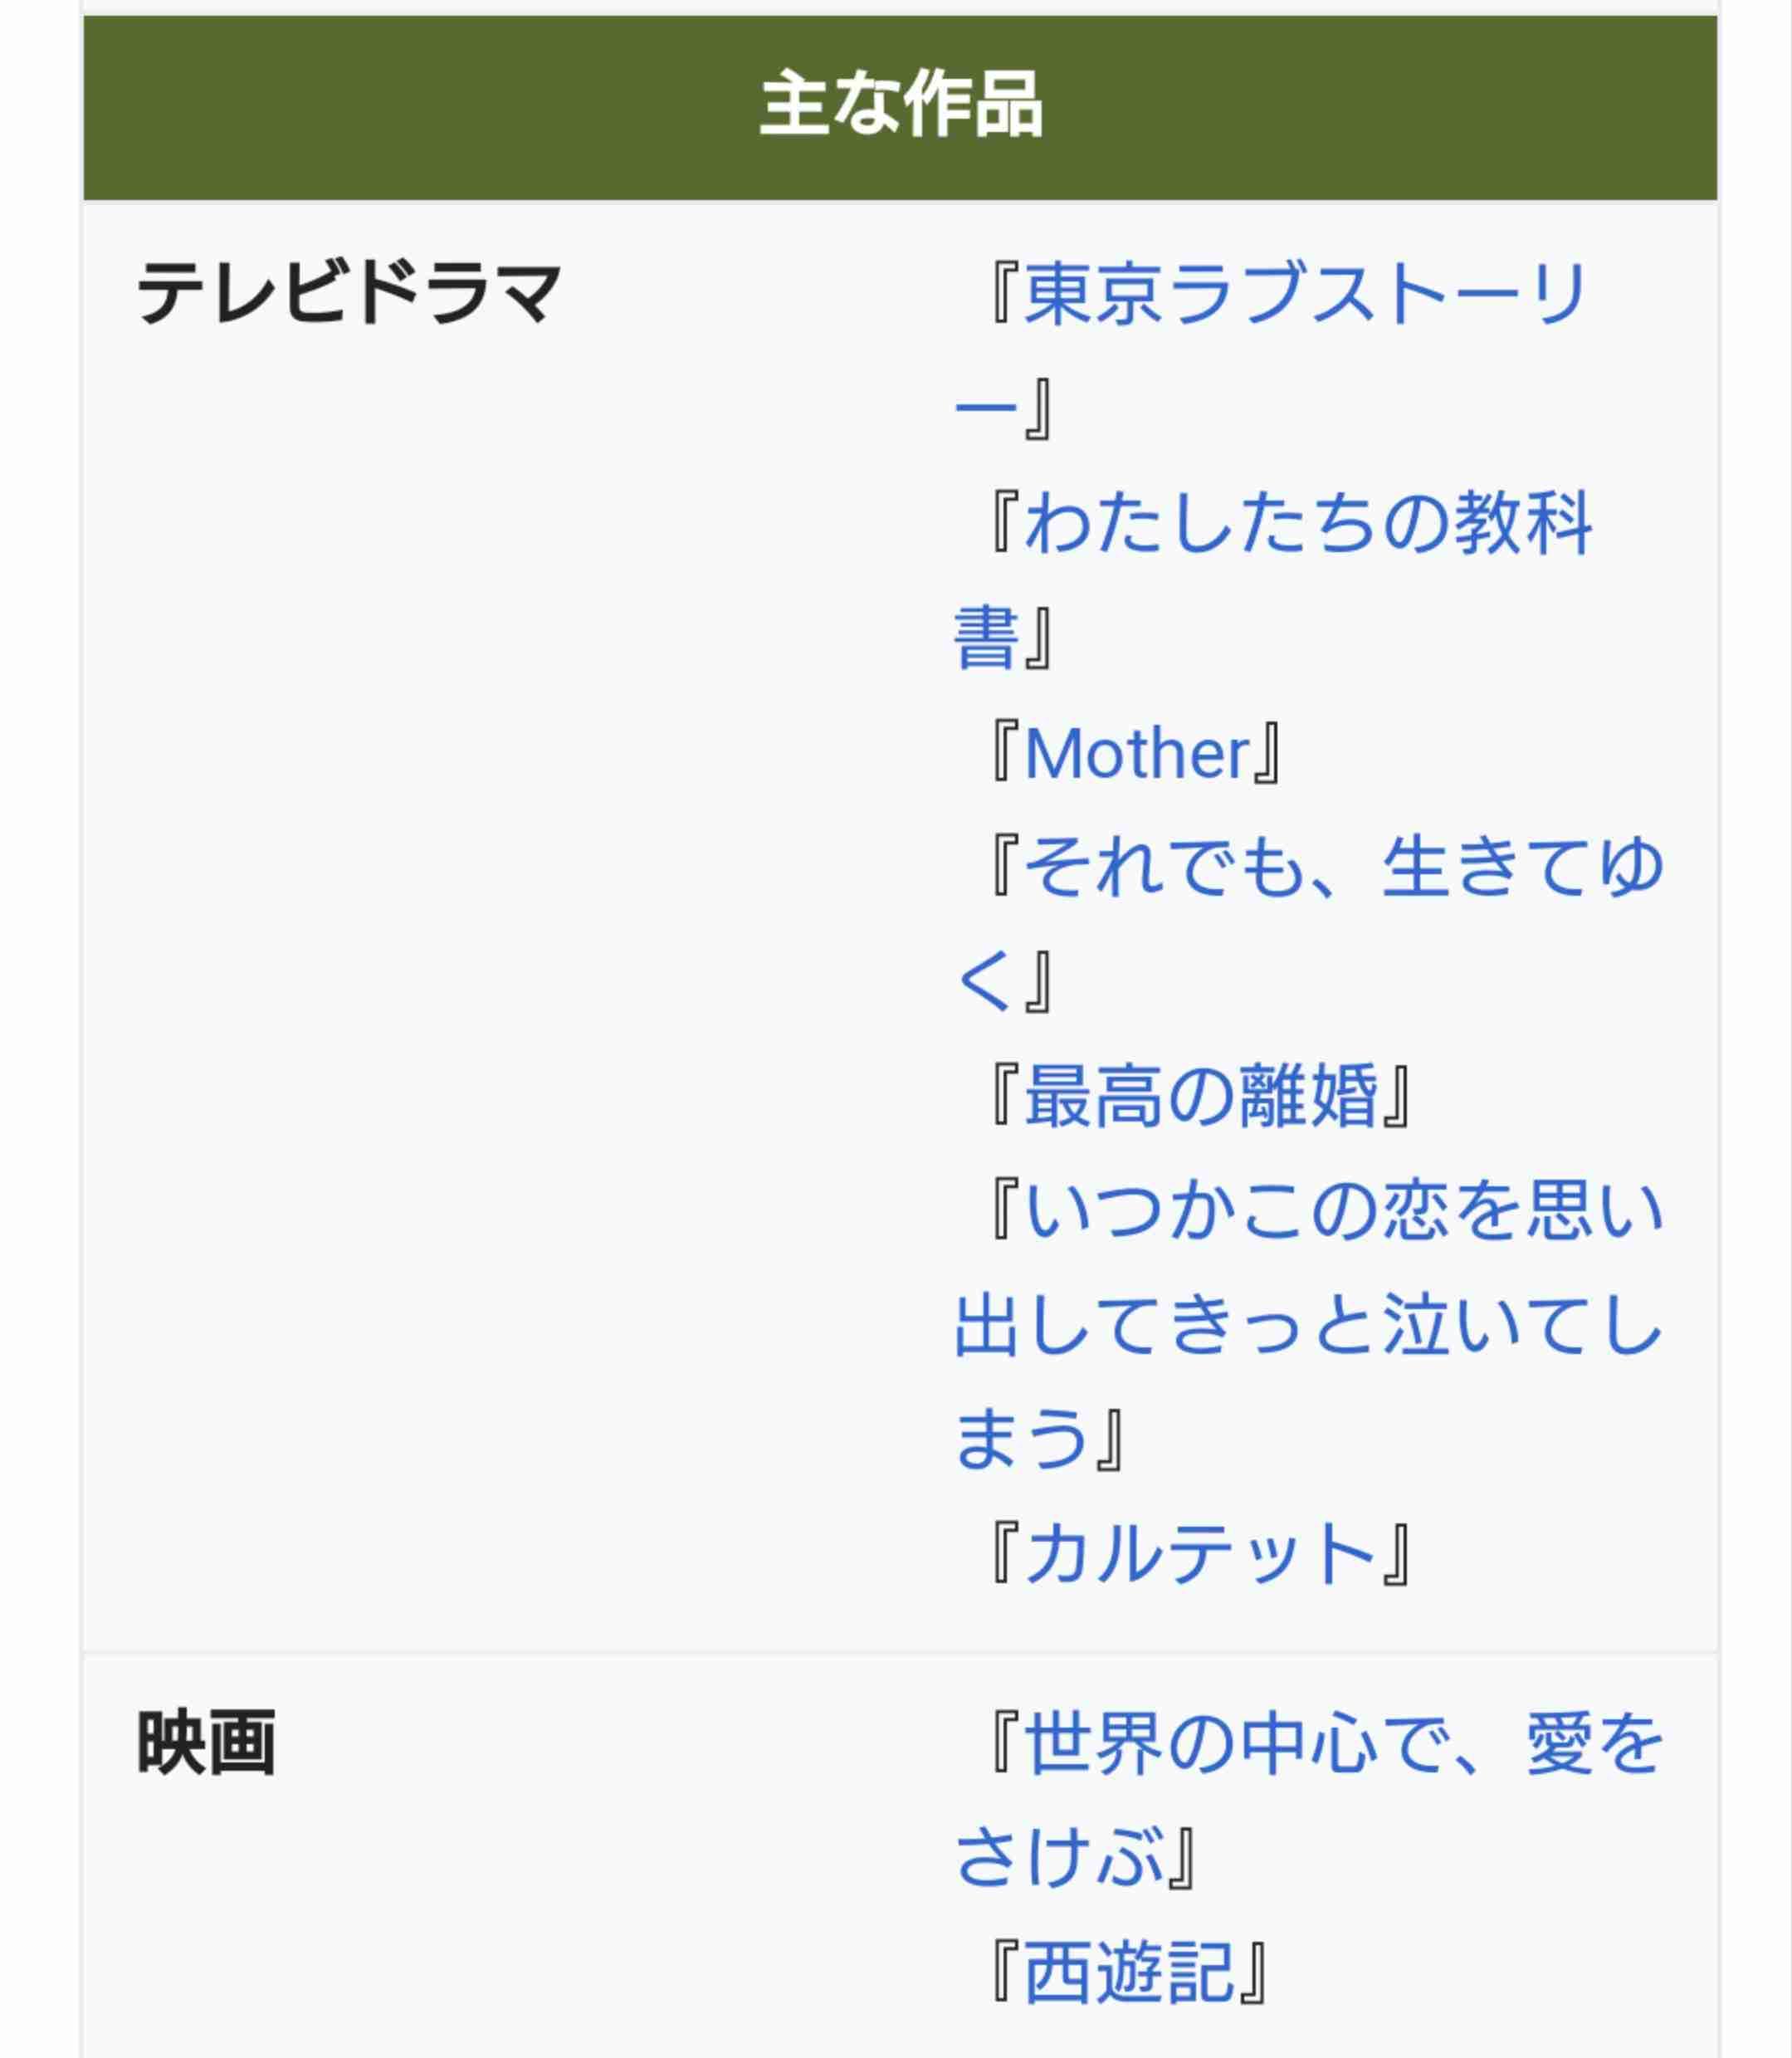 脚本家・坂元裕二の作品が好きな人